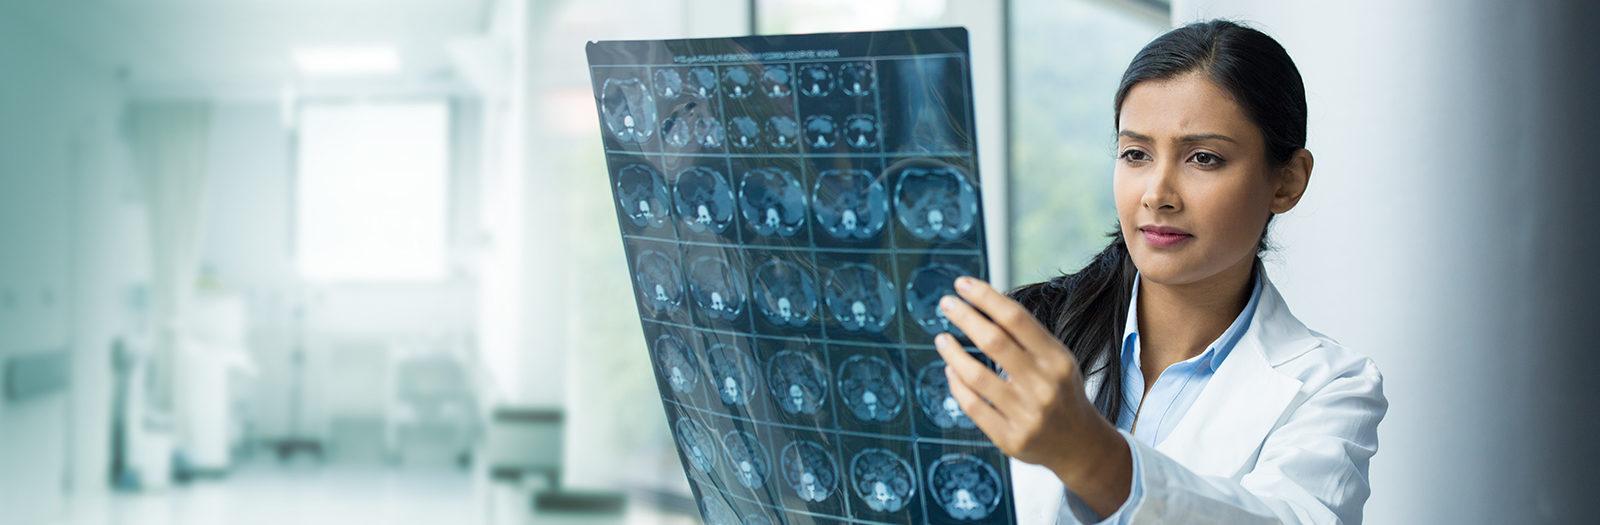 Centro Radiologico Diagnostico Comasco